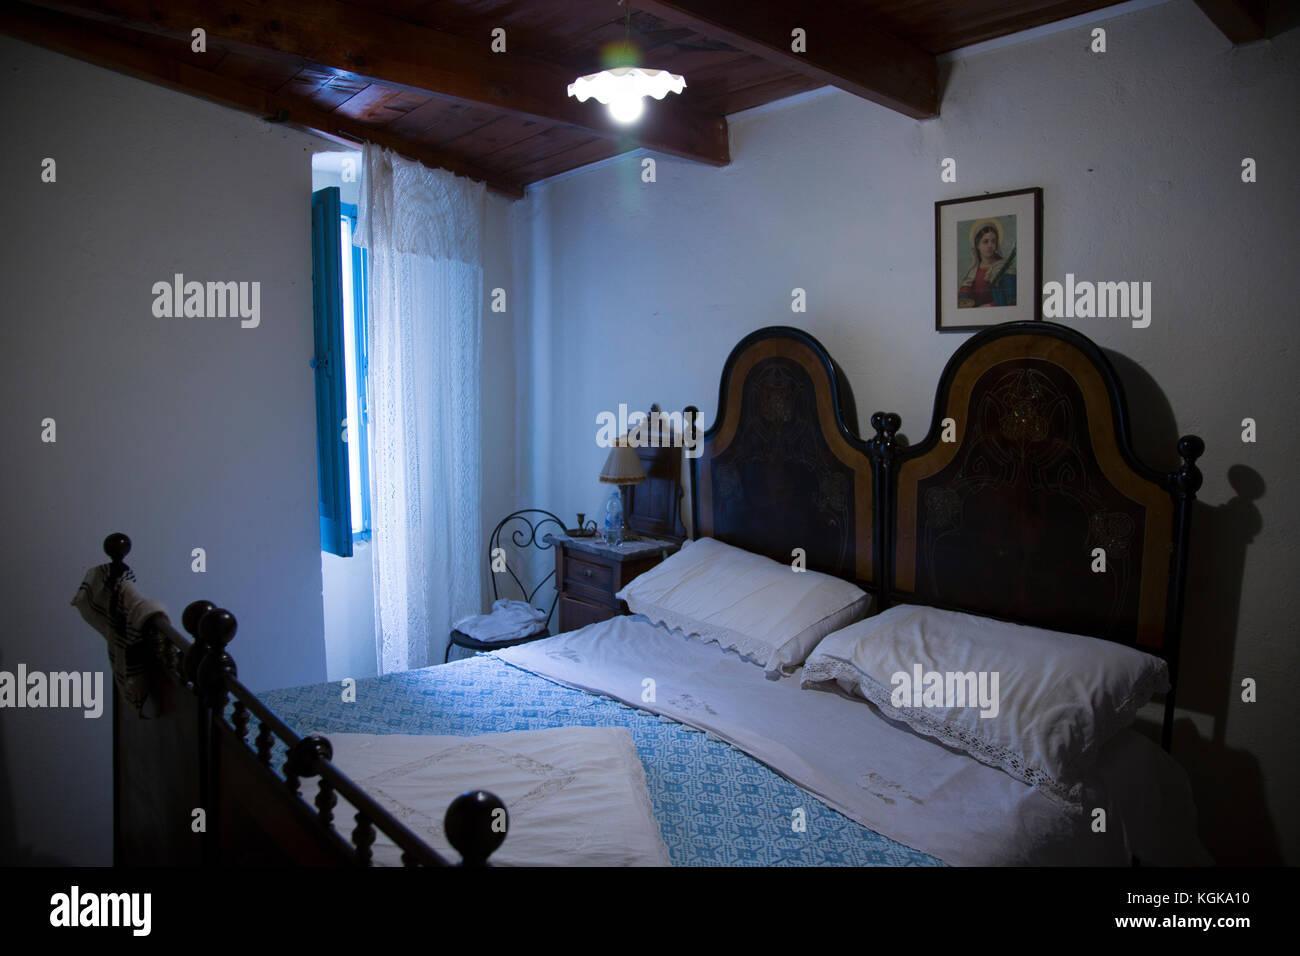 Das Schlafzimmer in einem alten Landhaus in der Ortschaft bortigali ...